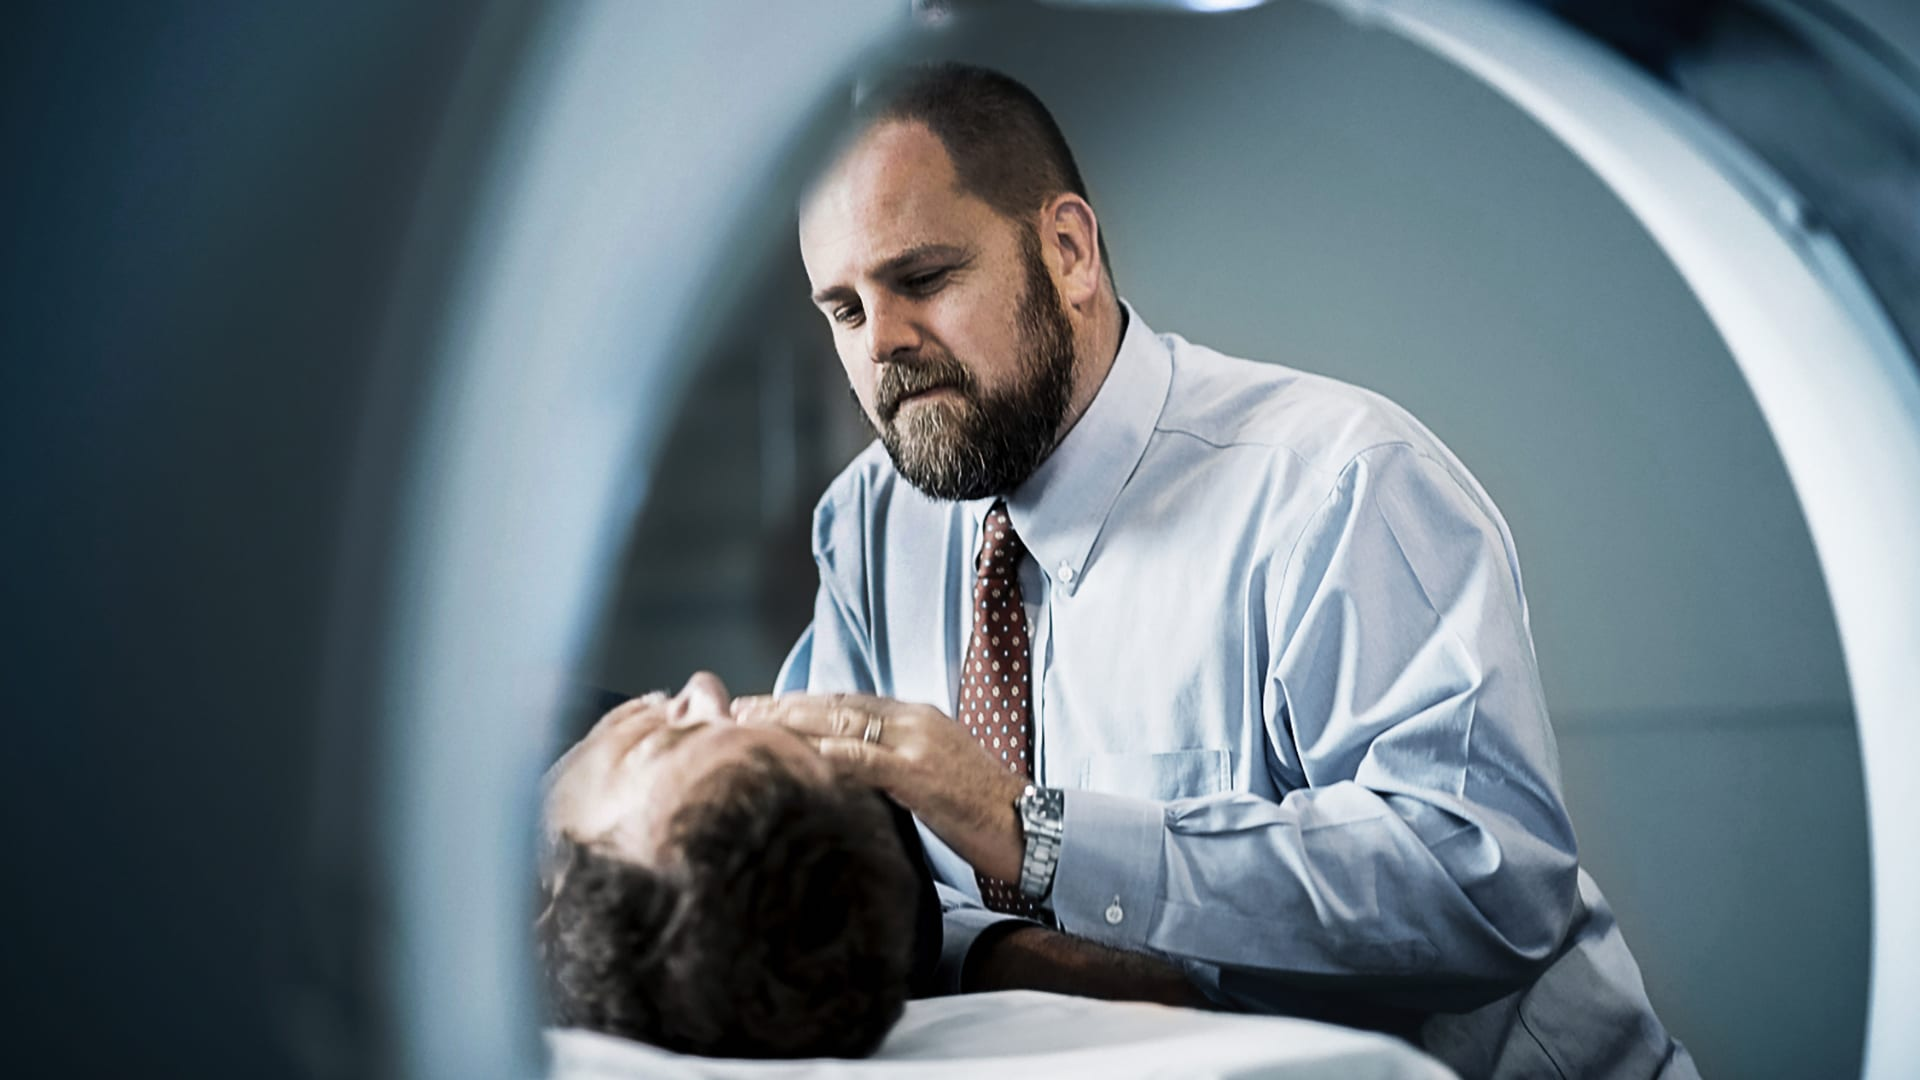 birmigham radiology